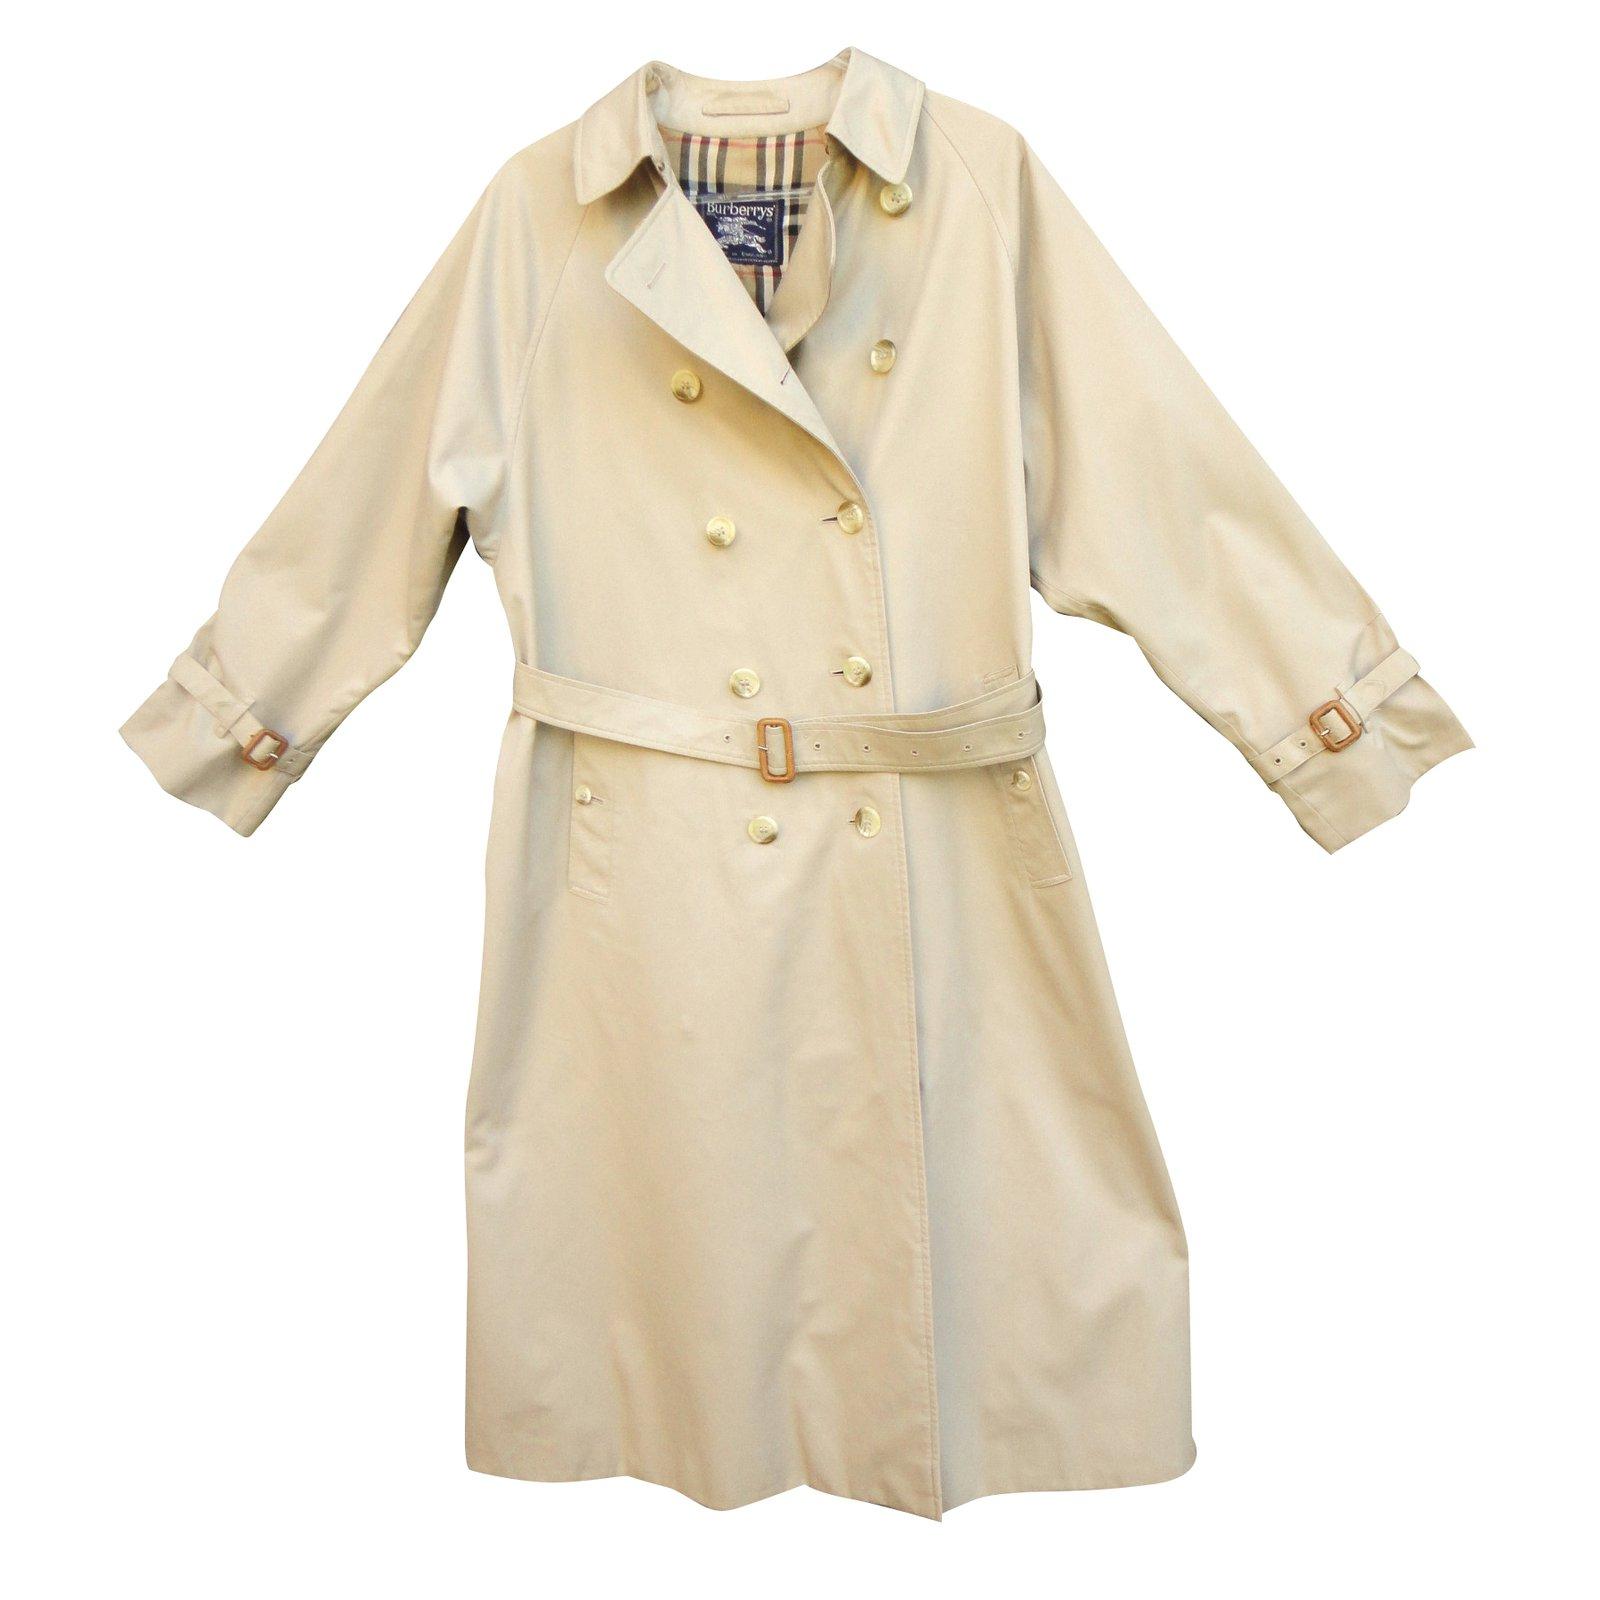 manteaux burberry manteau coton polyester beige joli closet. Black Bedroom Furniture Sets. Home Design Ideas